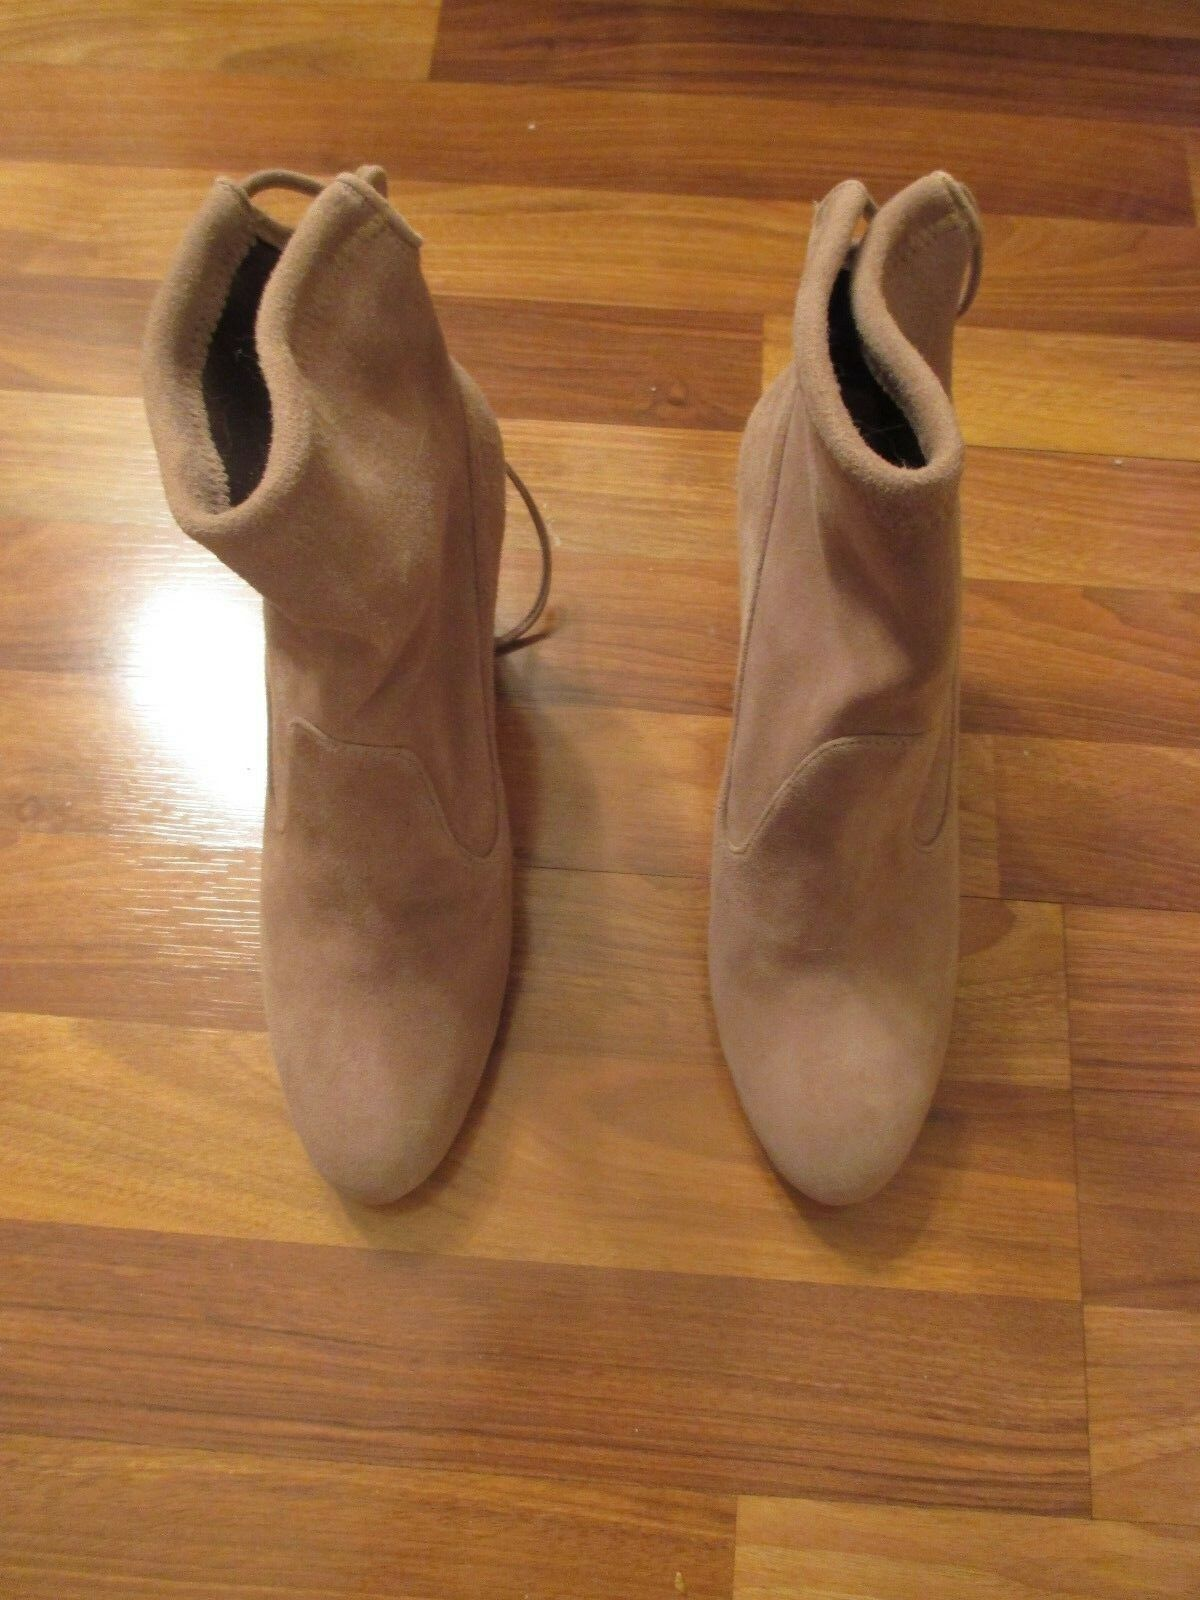 Never Worn Stuart Weitzman Suede Ankle Stiefelies Stiefel, Taupe Haze Haze Haze Beige, Größe 8.5 a897a2